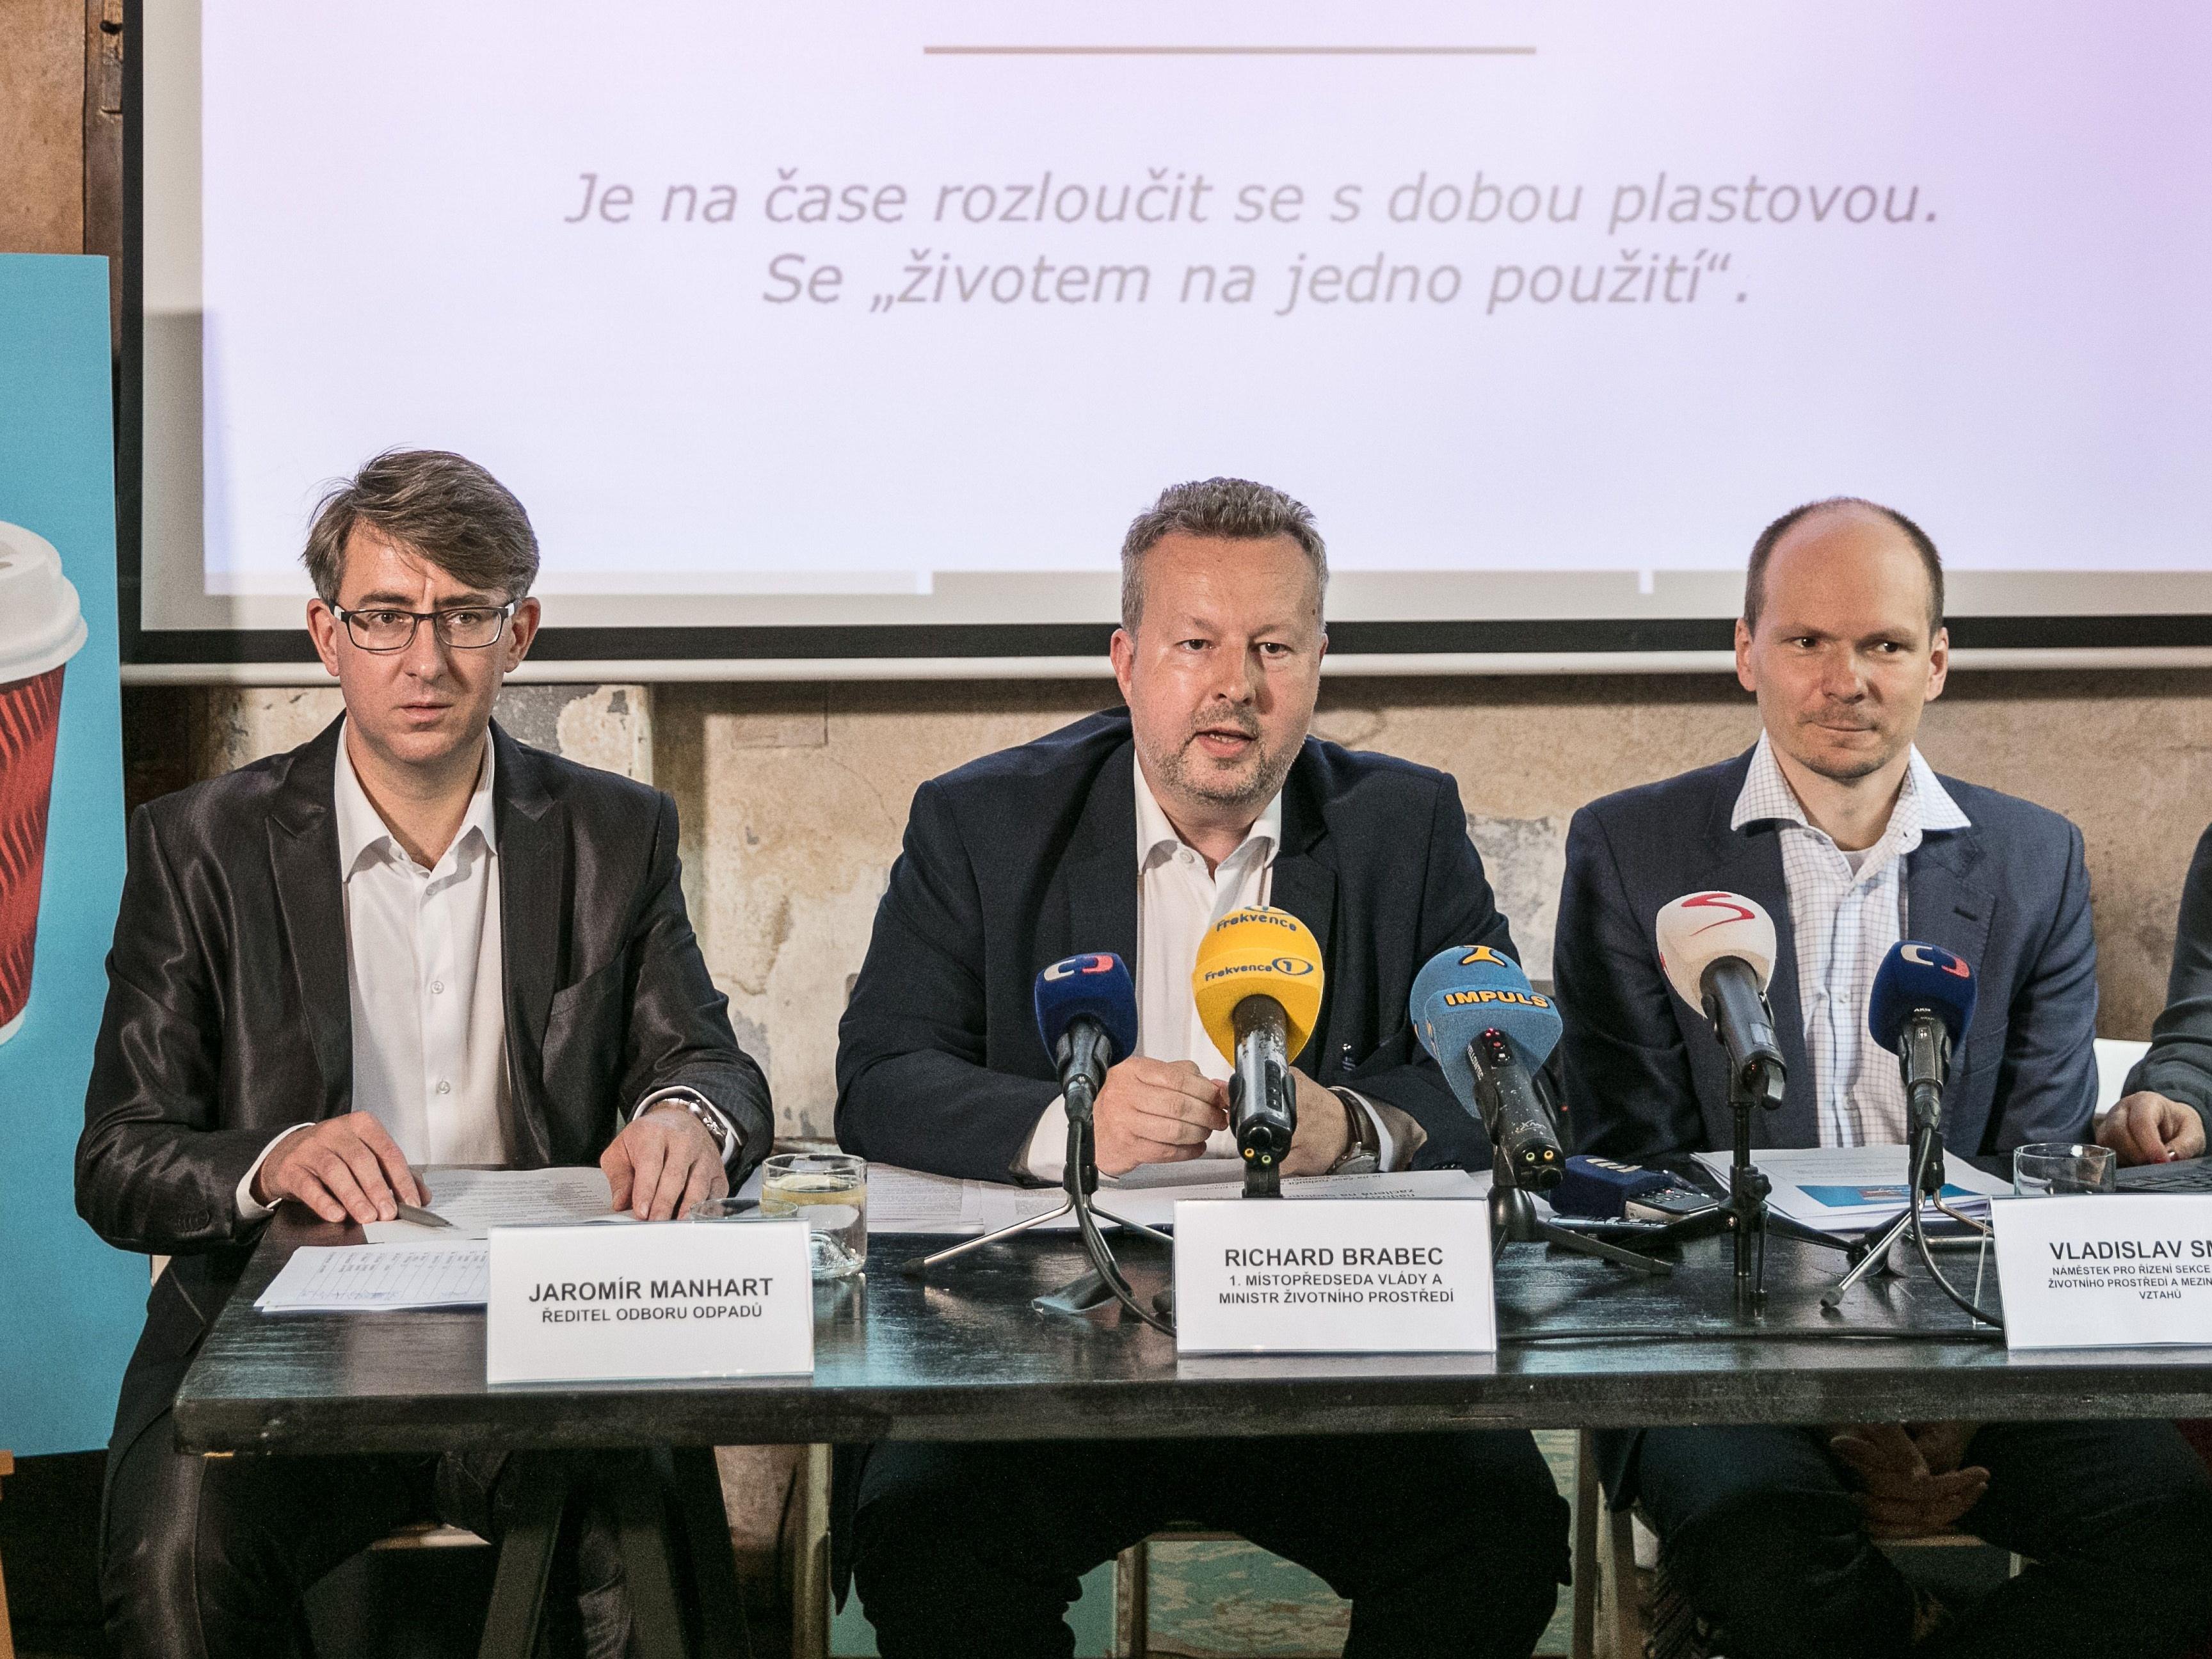 #dostbyloplastu: 7 statečných firem se zaměří na boj s plasty. Kdo se přidá dál?